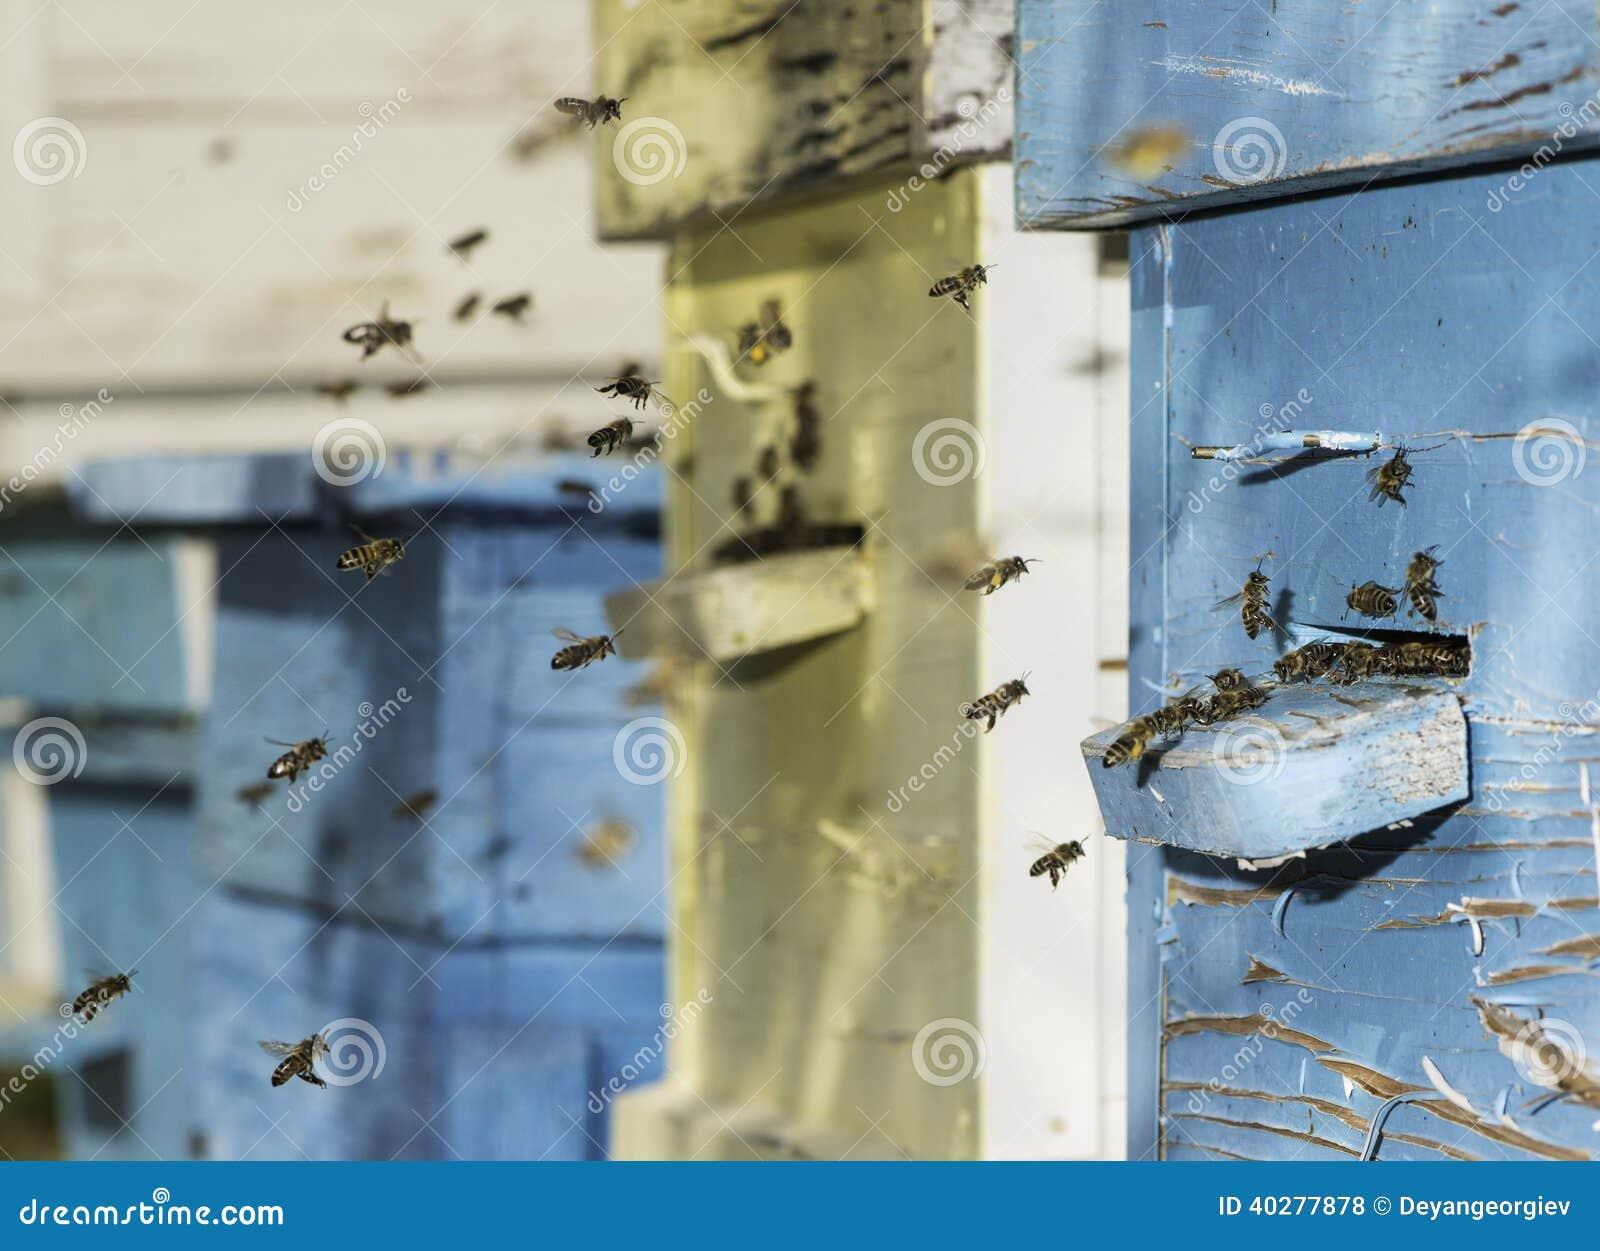 Рой пчел летает к улью